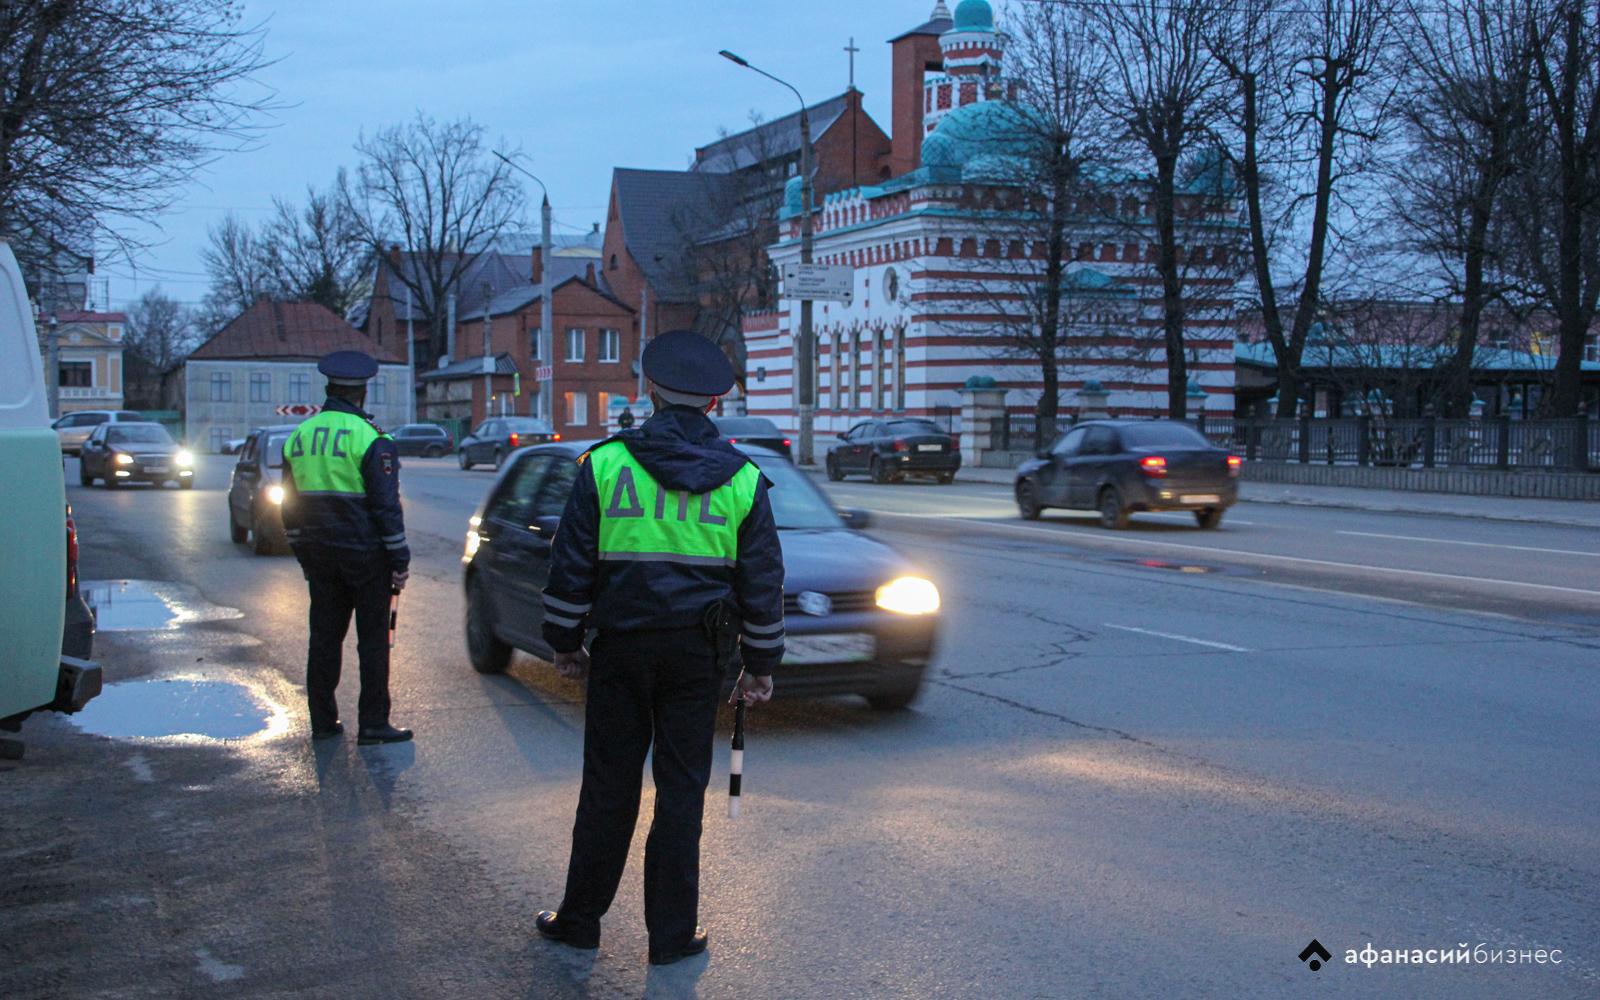 В УГИБДД по Тверской области рассказали о снижении аварийности в регионе, несмотря на рост в длинные майские выходные